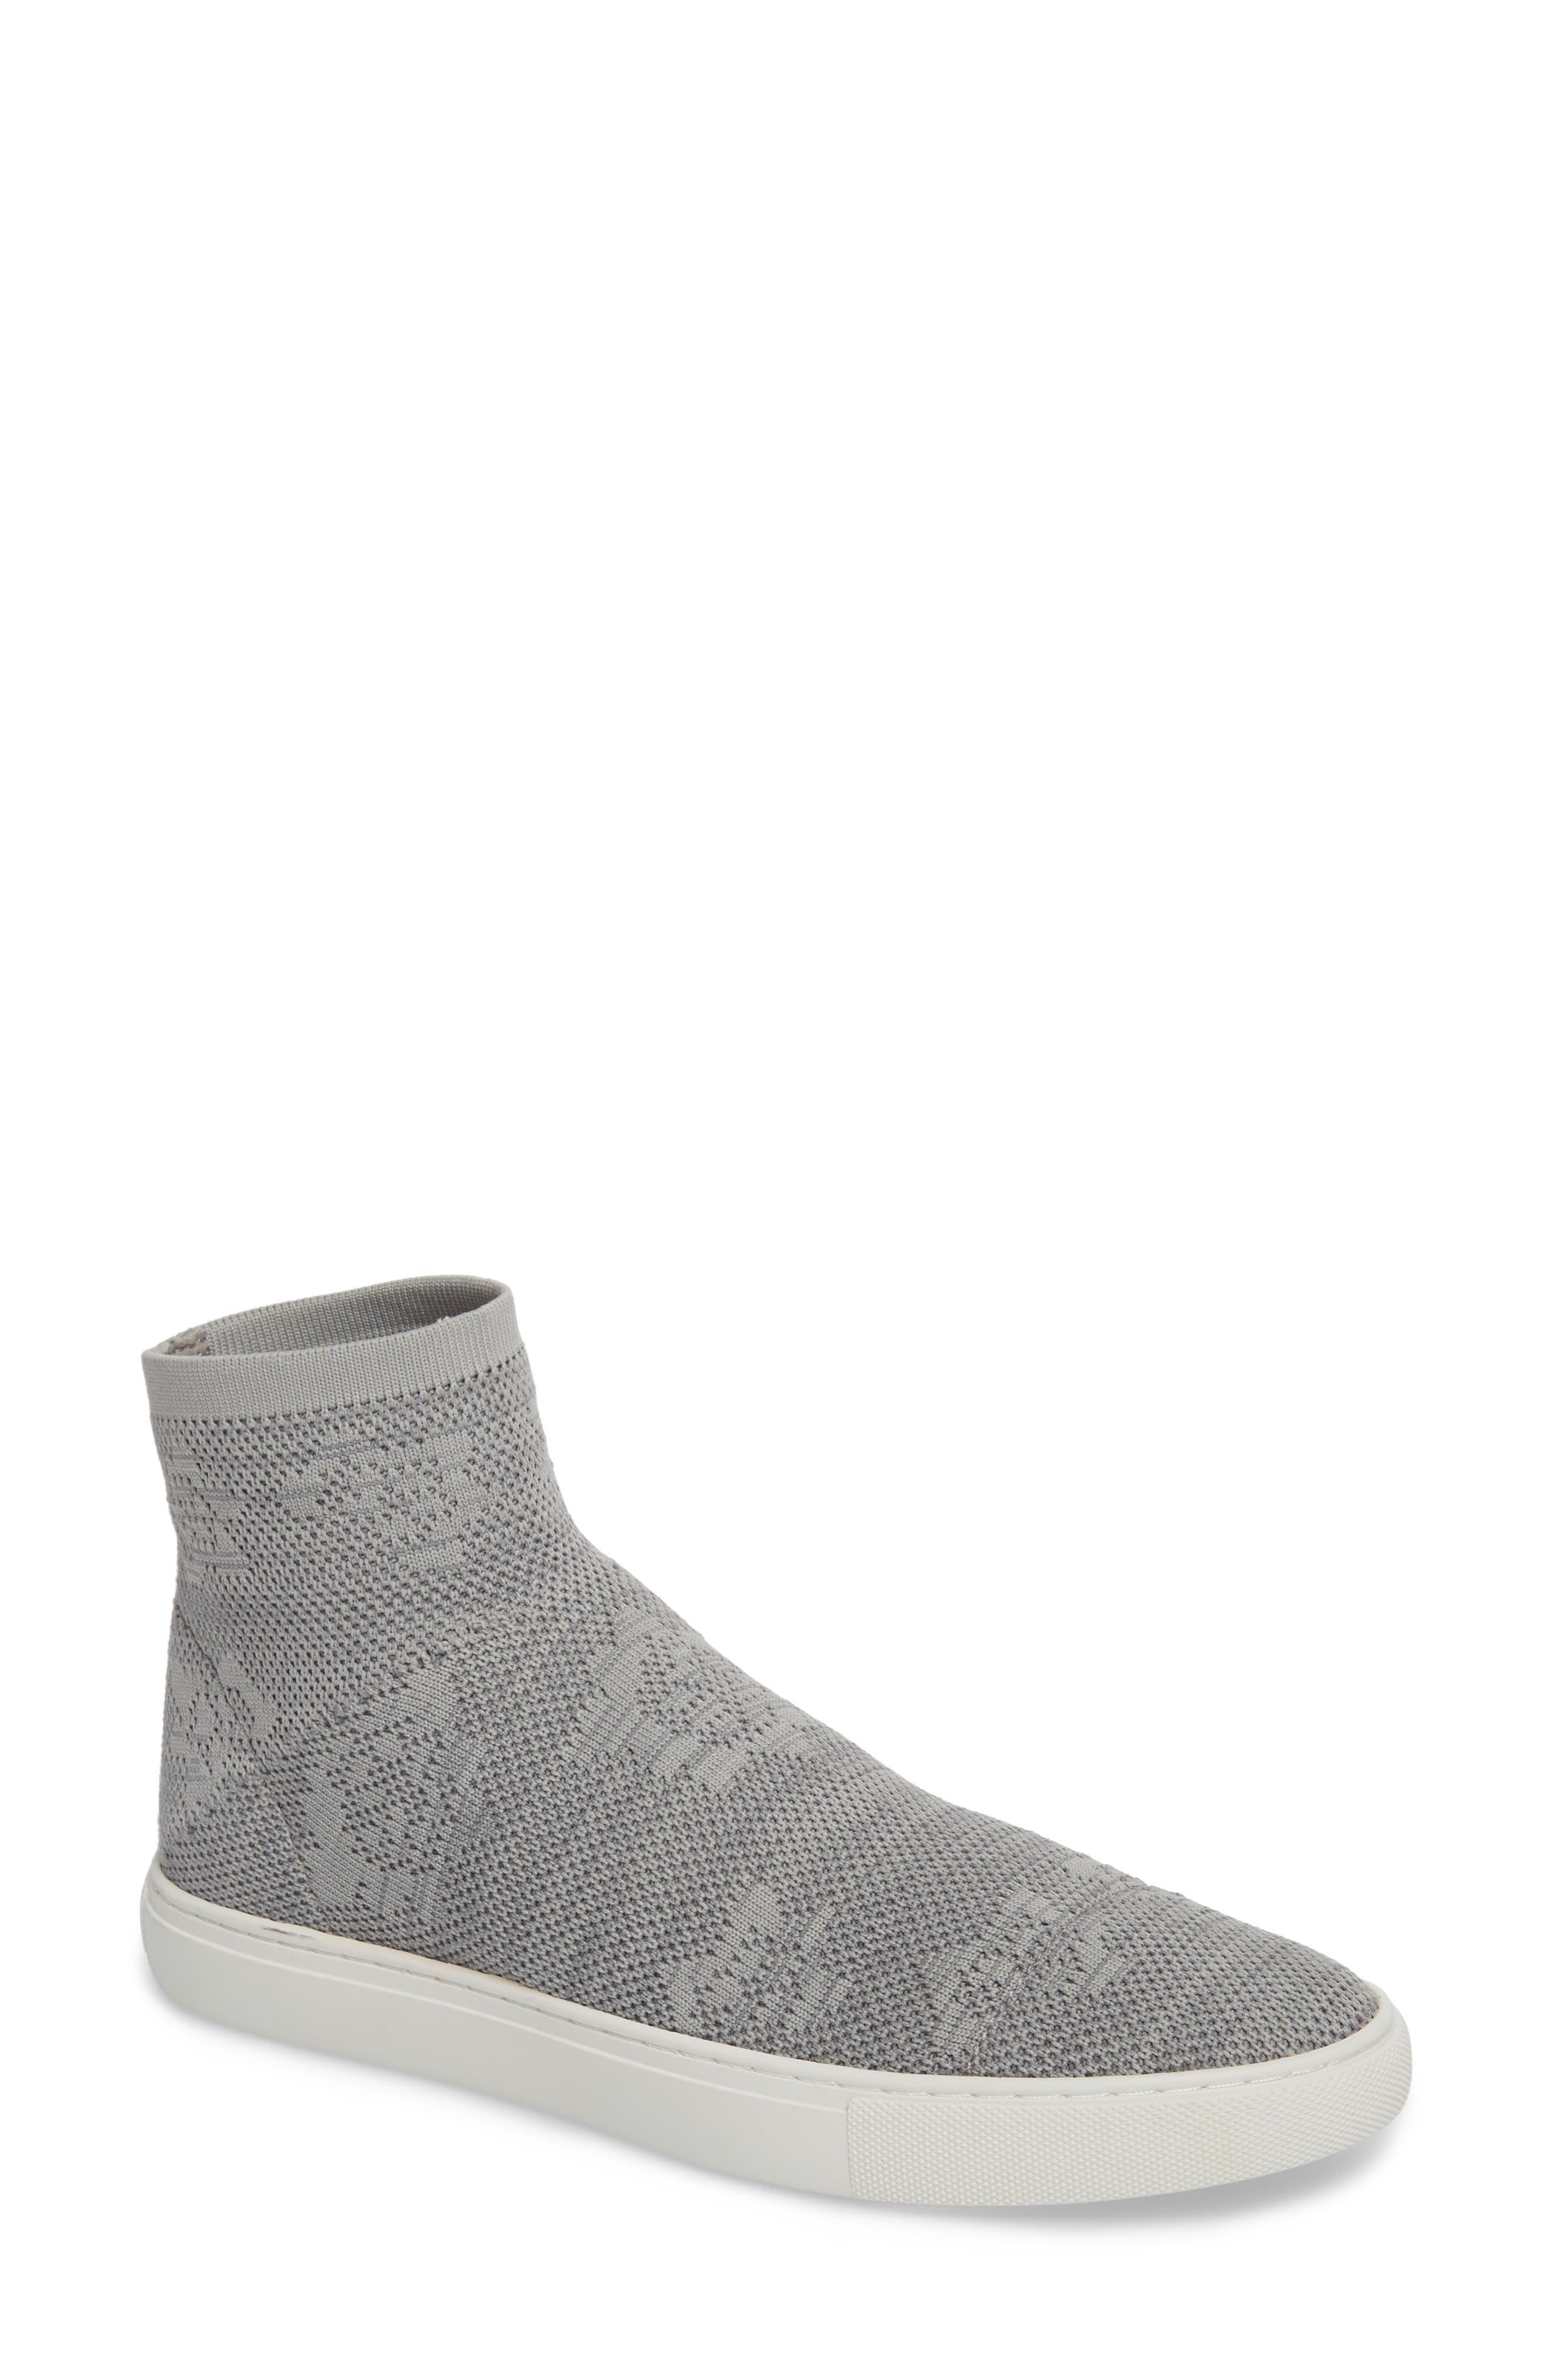 Keating Sneaker,                             Main thumbnail 1, color,                             Dust Grey Fabric